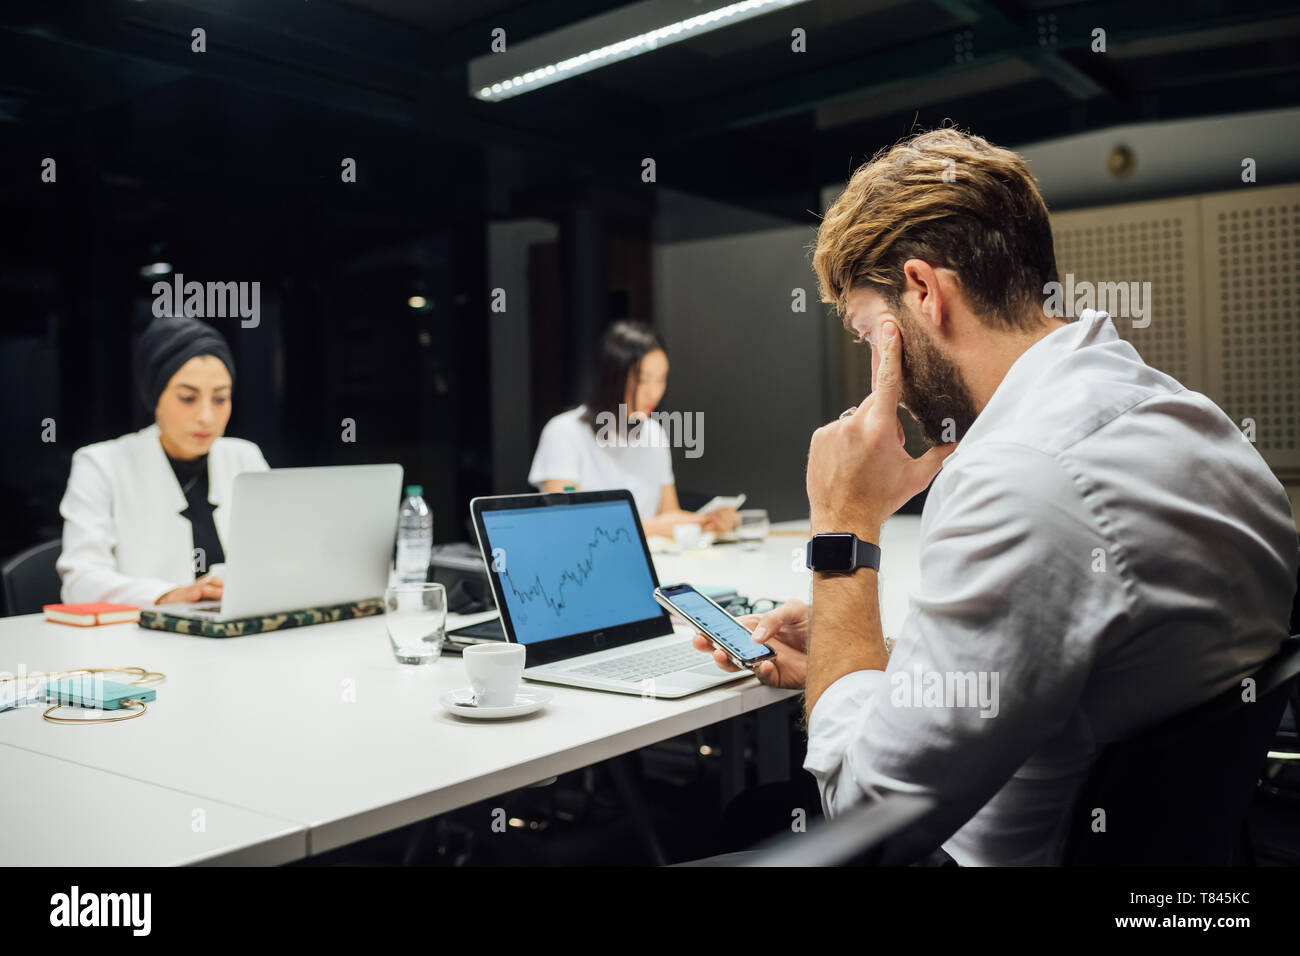 Geschäftsfrau auf Laptops und Smartphones am Konferenztisch Stockfoto